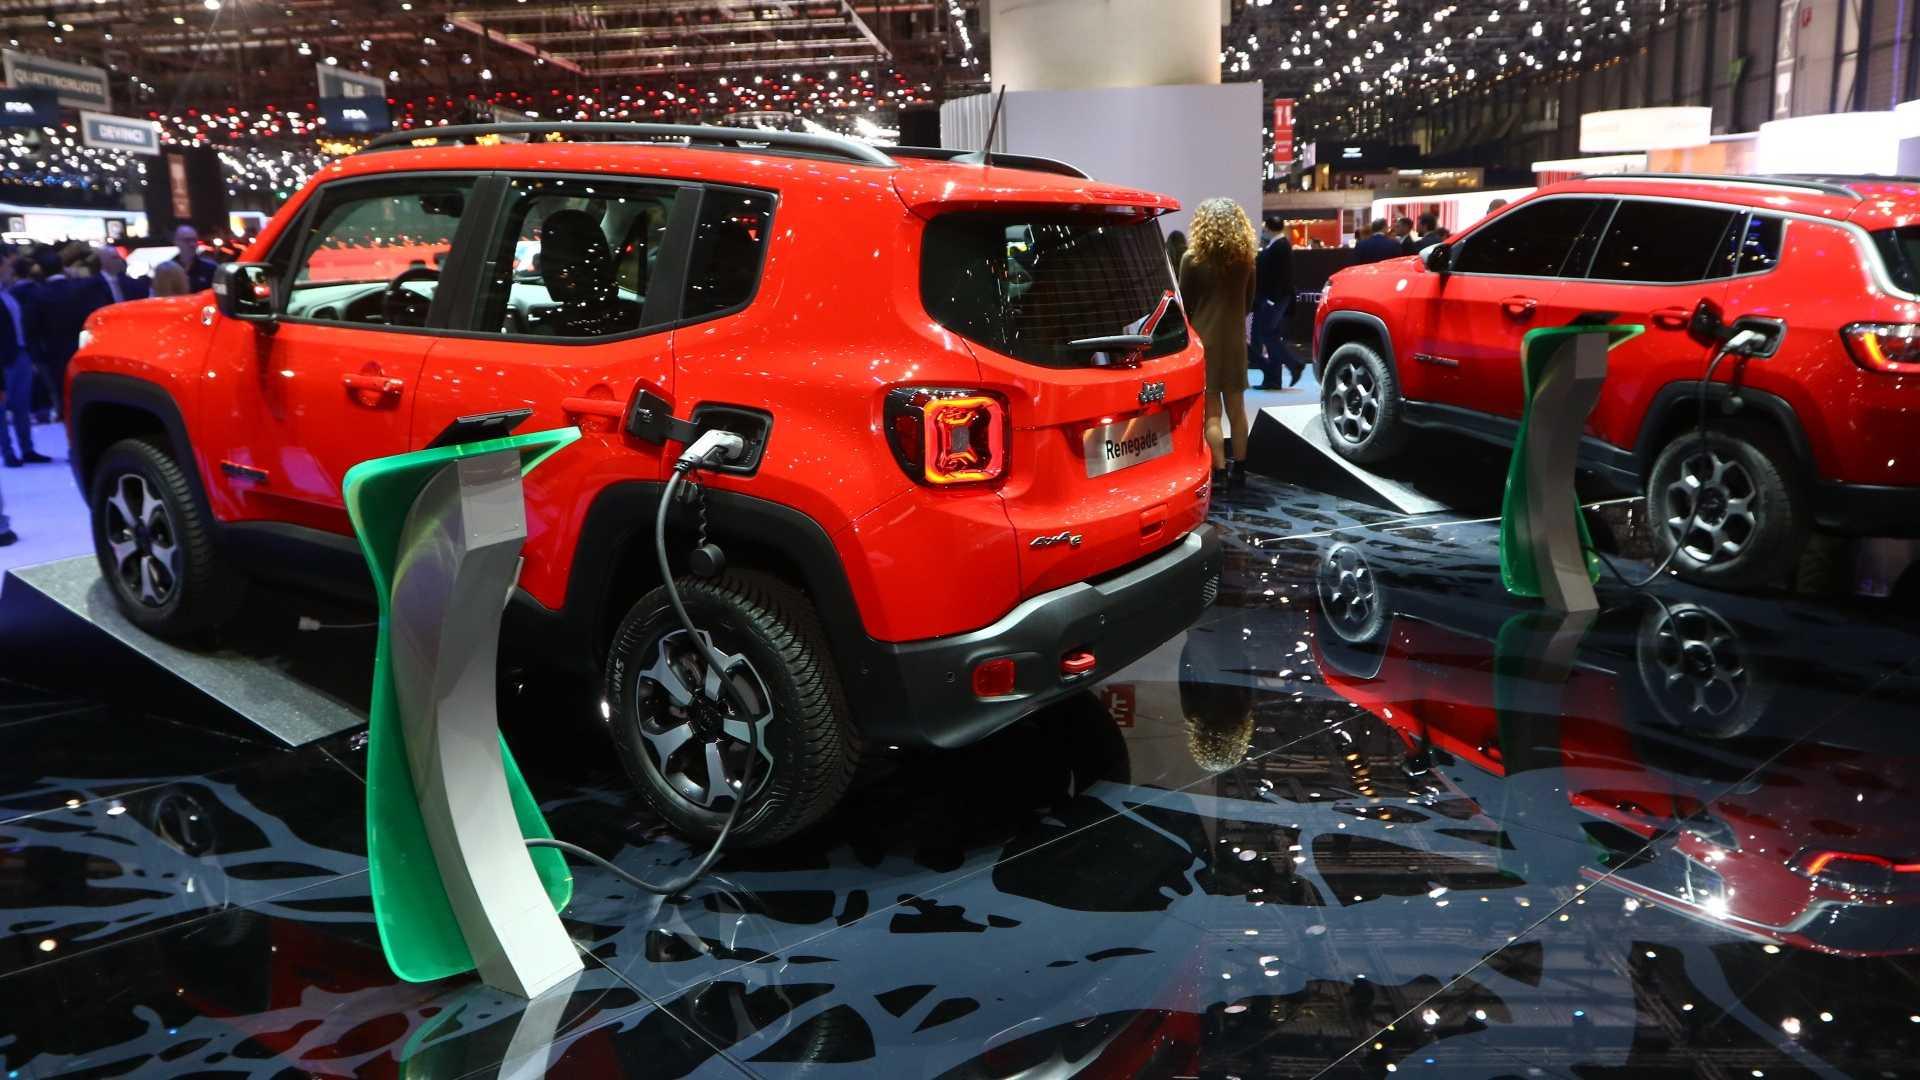 Jeep modelleri hibrit görünüm